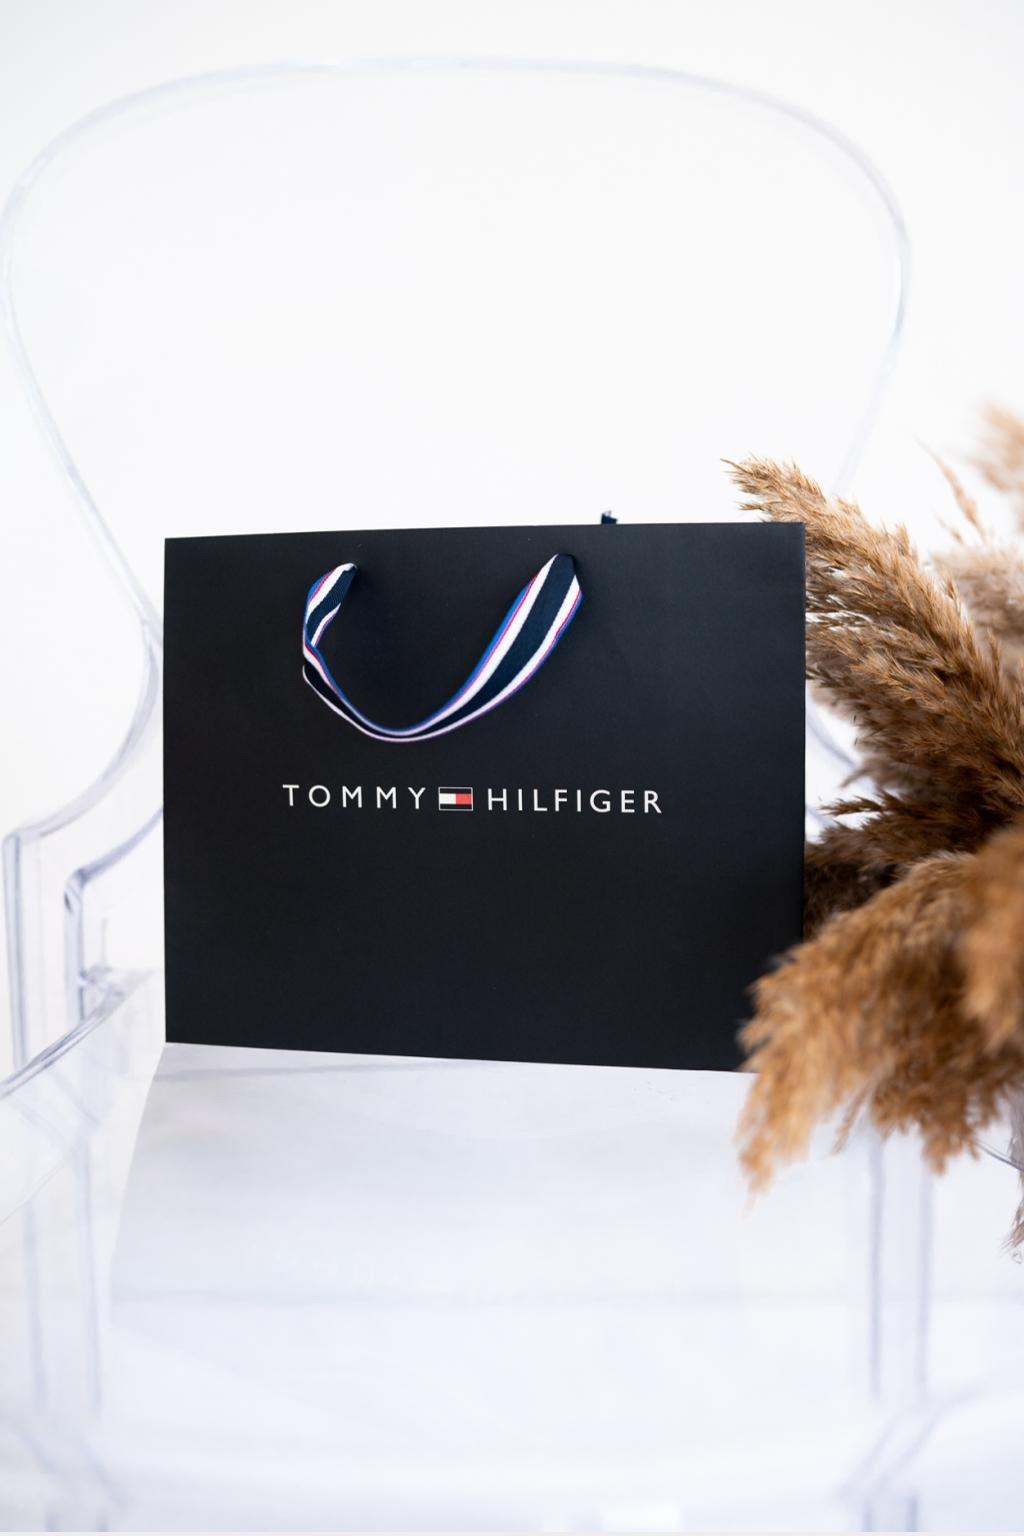 Tommy Hilfiger dárková taštička - střední